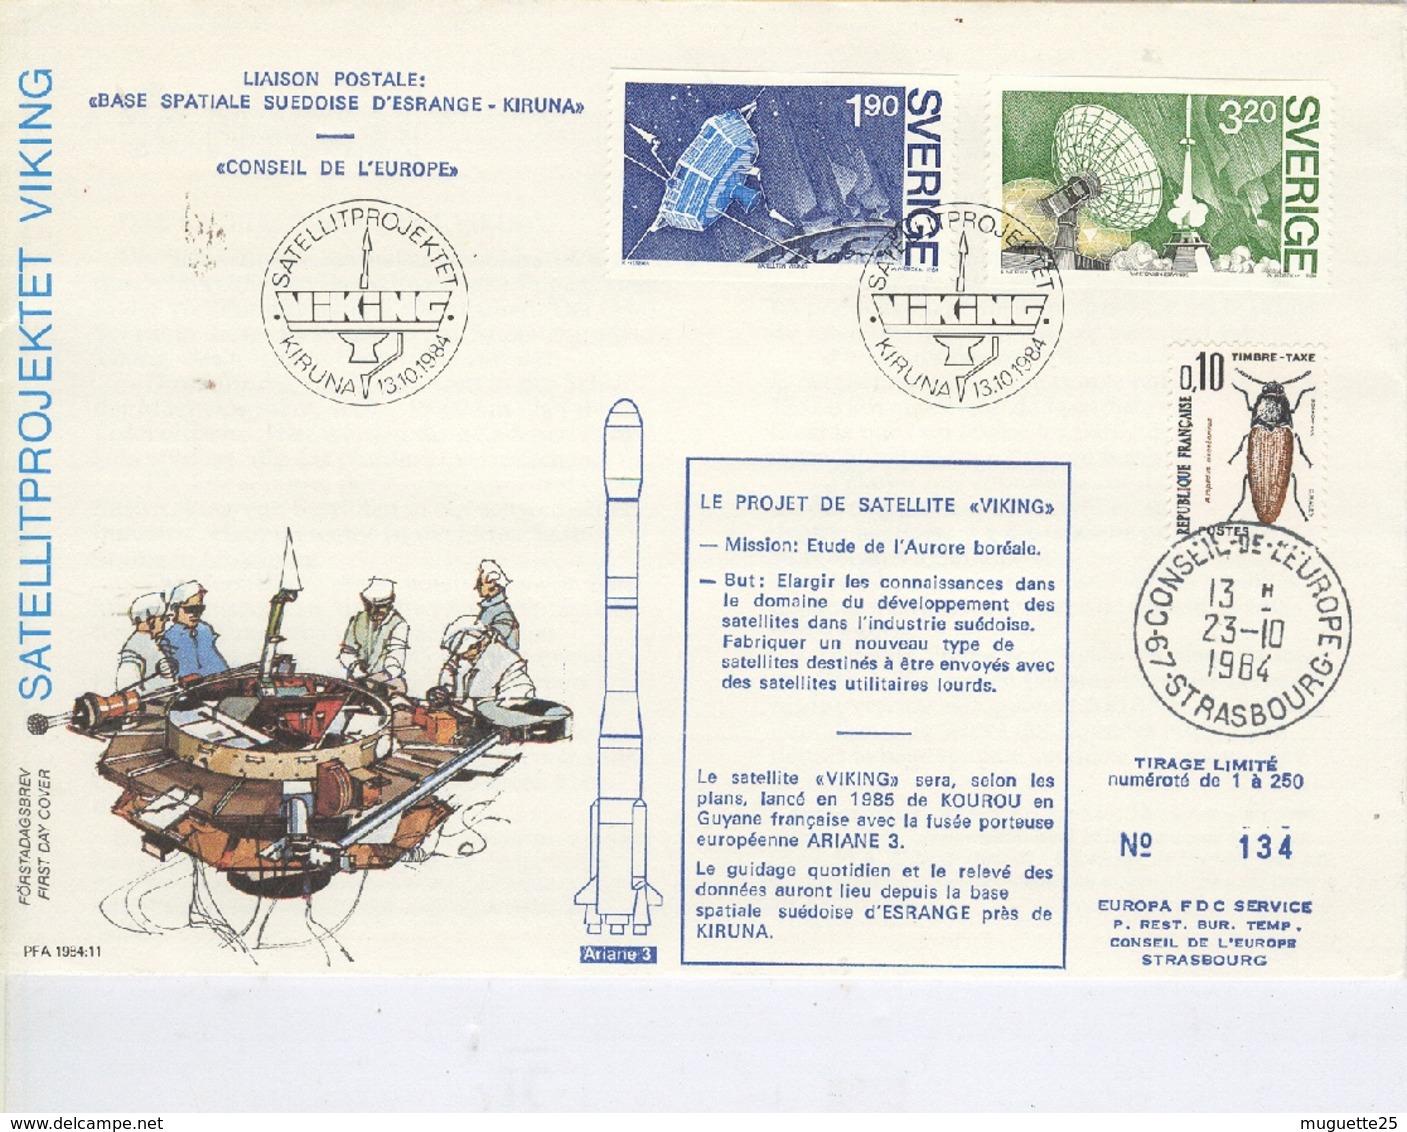 Projet De Satellite VIKING  Liaison Postale Base Spatiale Suédoise D'Esrange-Kiruna  Conseil De L'Europe -13 Octobre 198 - 1966